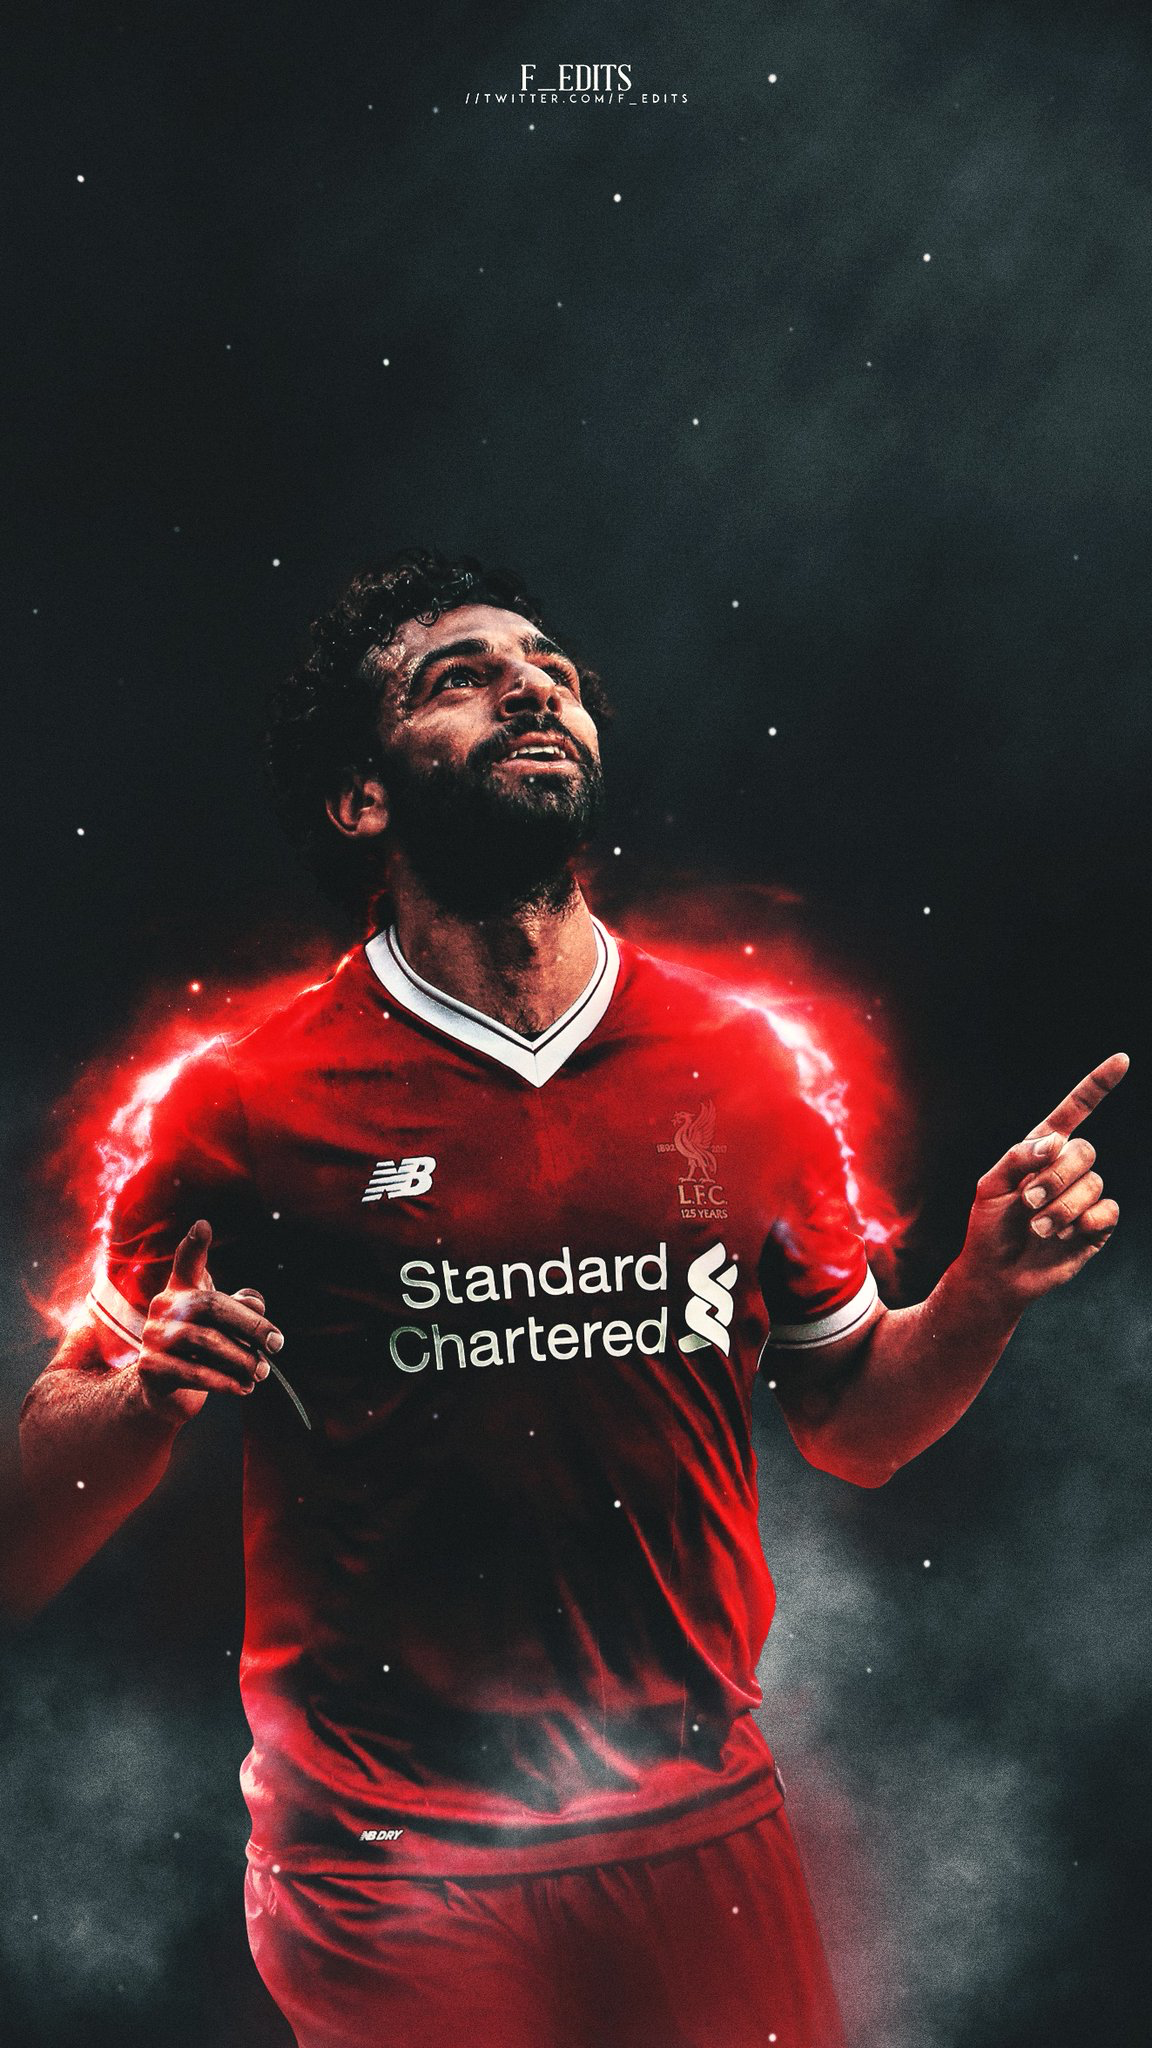 Pin de Lucas Santos em Soccer Stars | Futebol, Lendas do futebol e Jogadores de Futebol